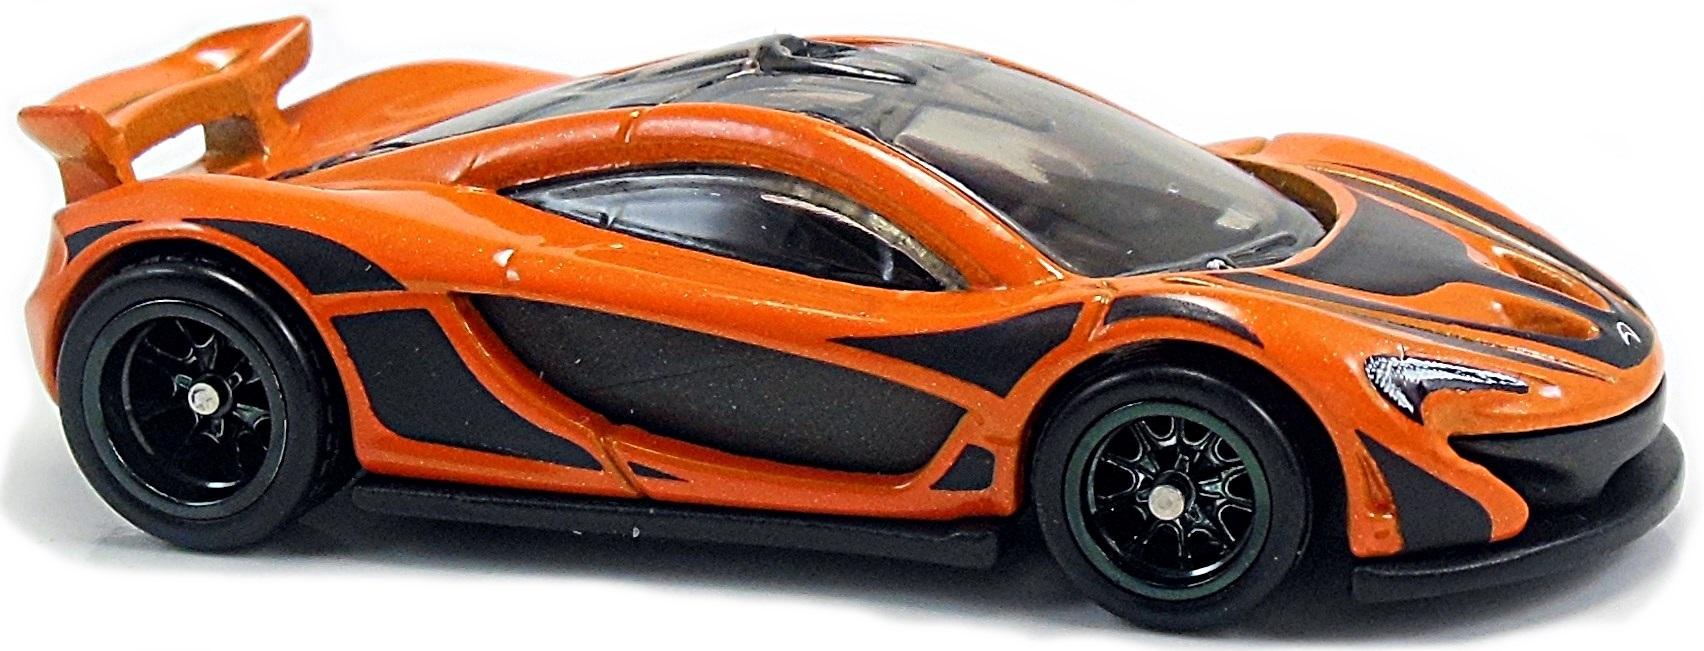 Orange And Black Mclaren P1 >> McLaren P1 - 70mm - 2015 | Hot Wheels Newsletter